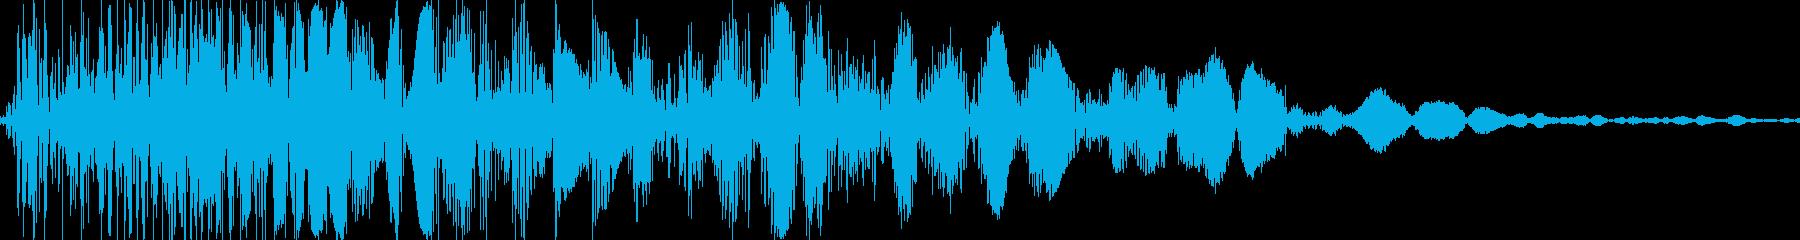 バシッ(殴ったようなツッコミ・打撃音)の再生済みの波形